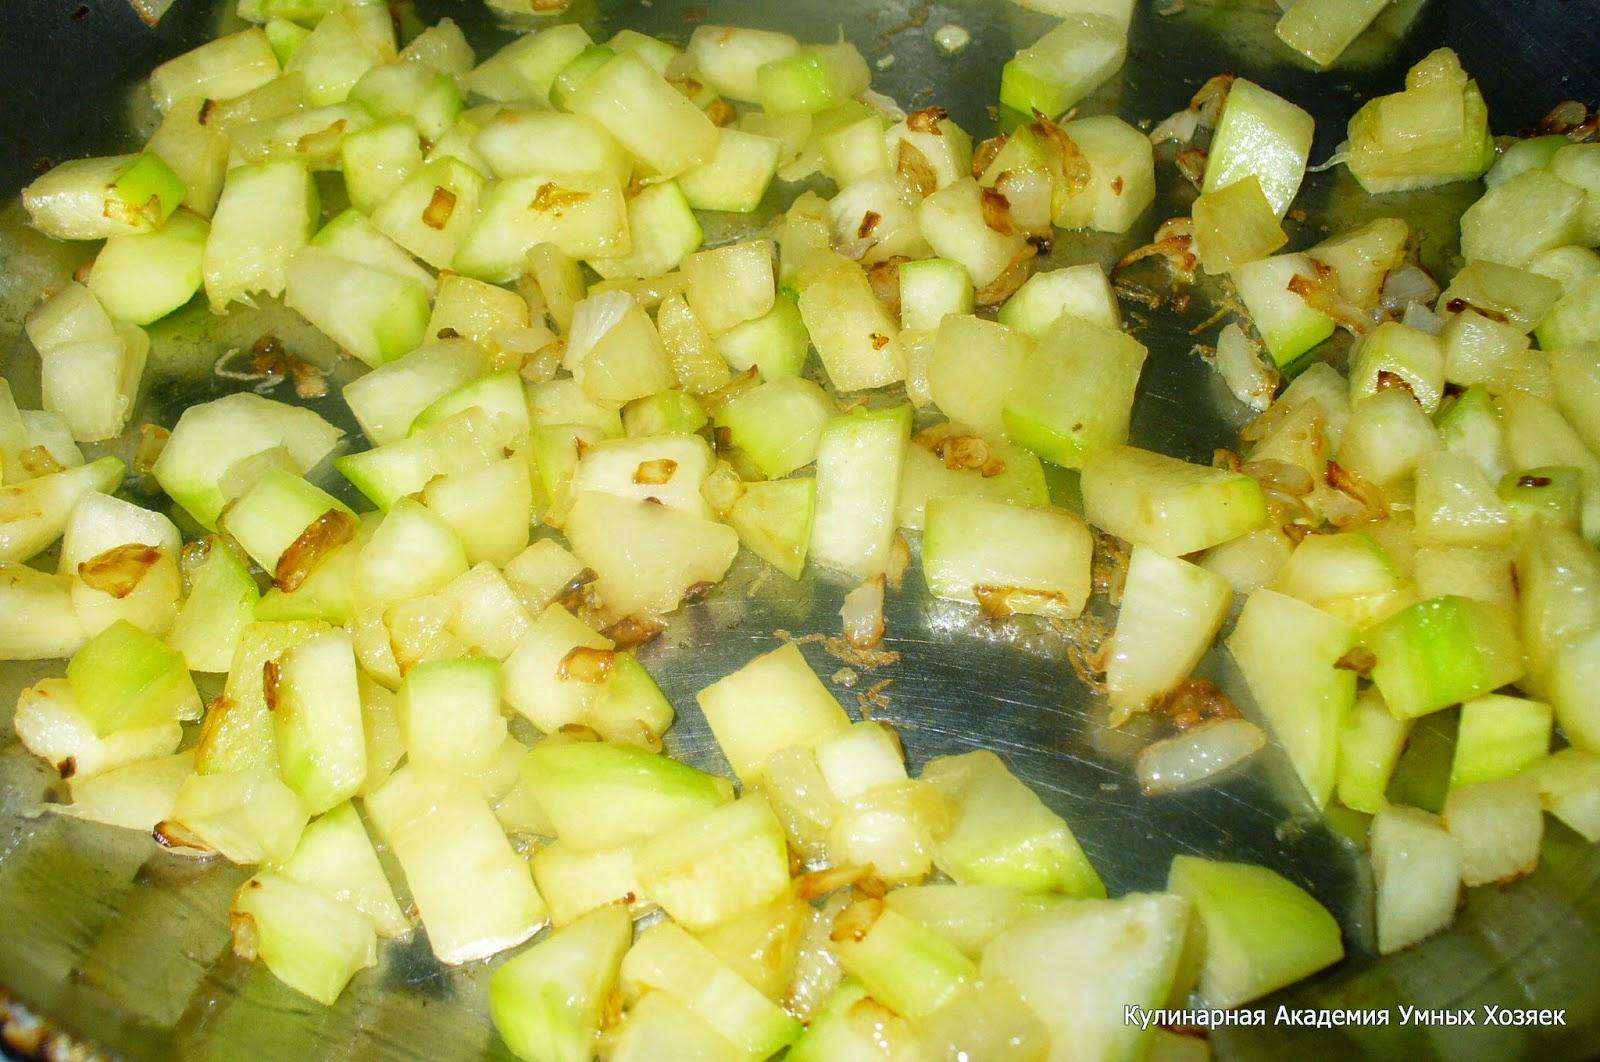 кабачки с луком для супа обжаренные